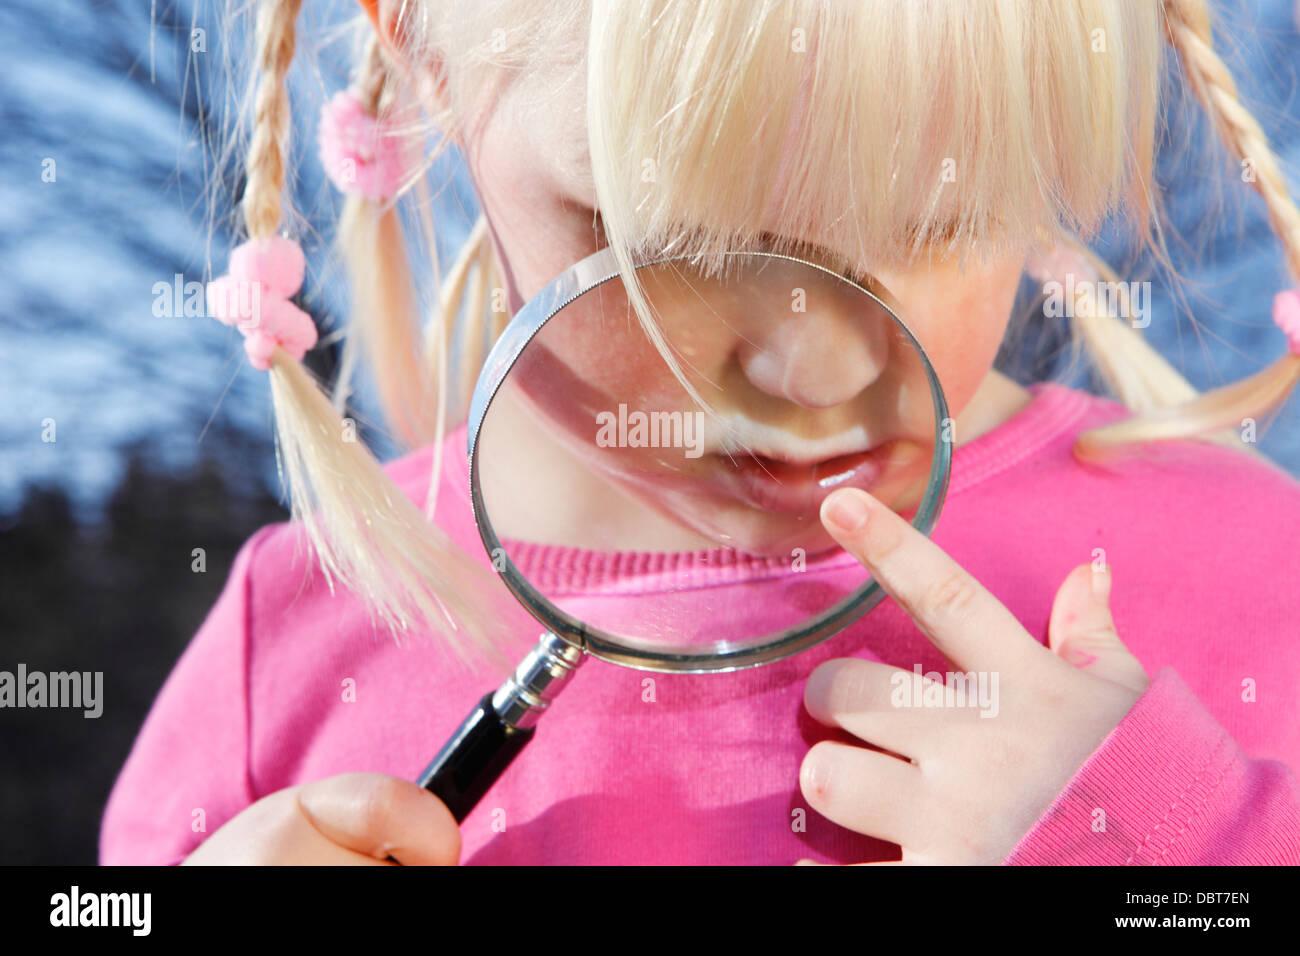 Chica (4-5) jugando con lupa Foto de stock